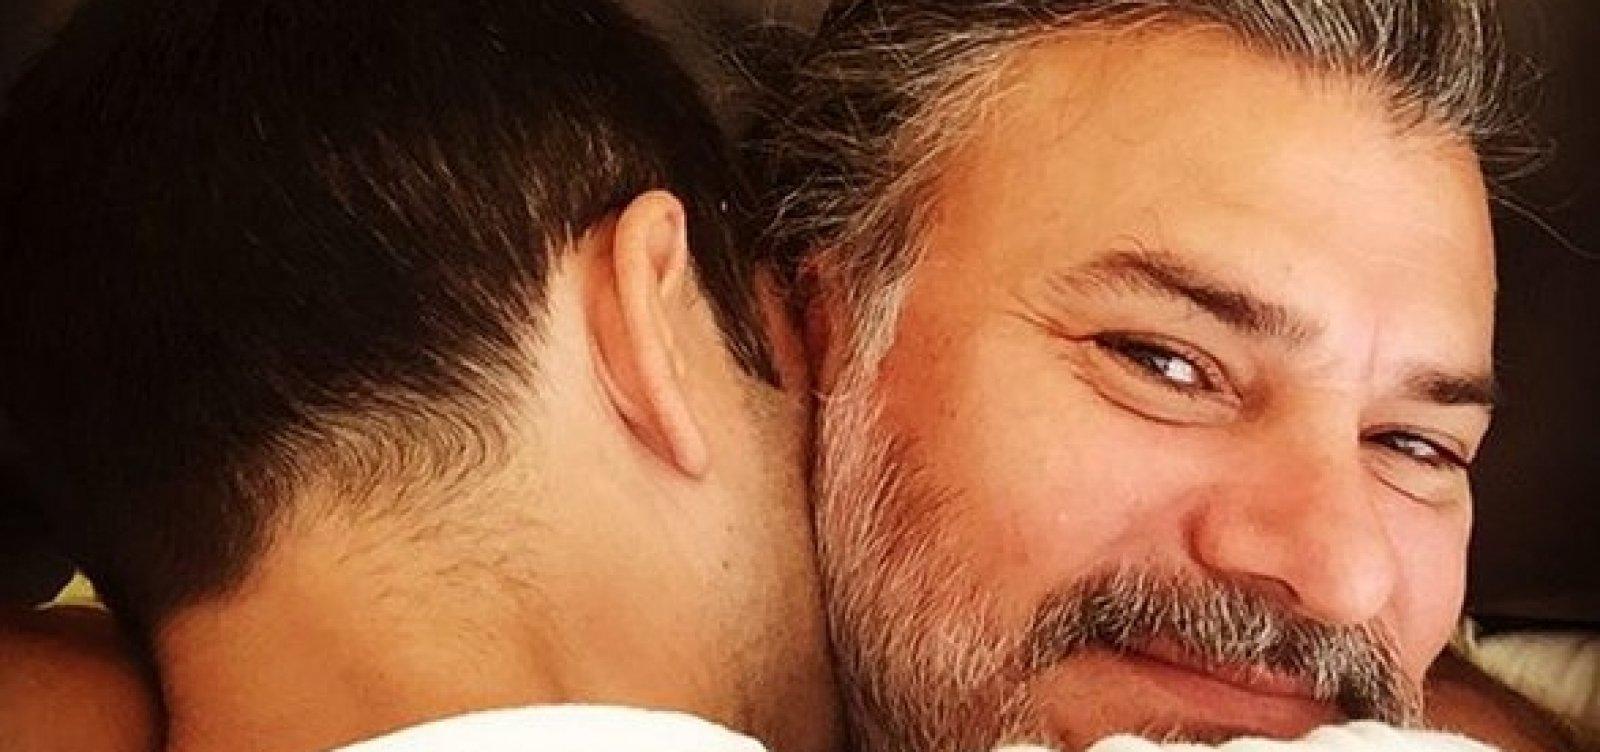 [Leonardo Vieira casa com namorado e exibe alianças no Instagram: 'Nosso amor nos uniu']